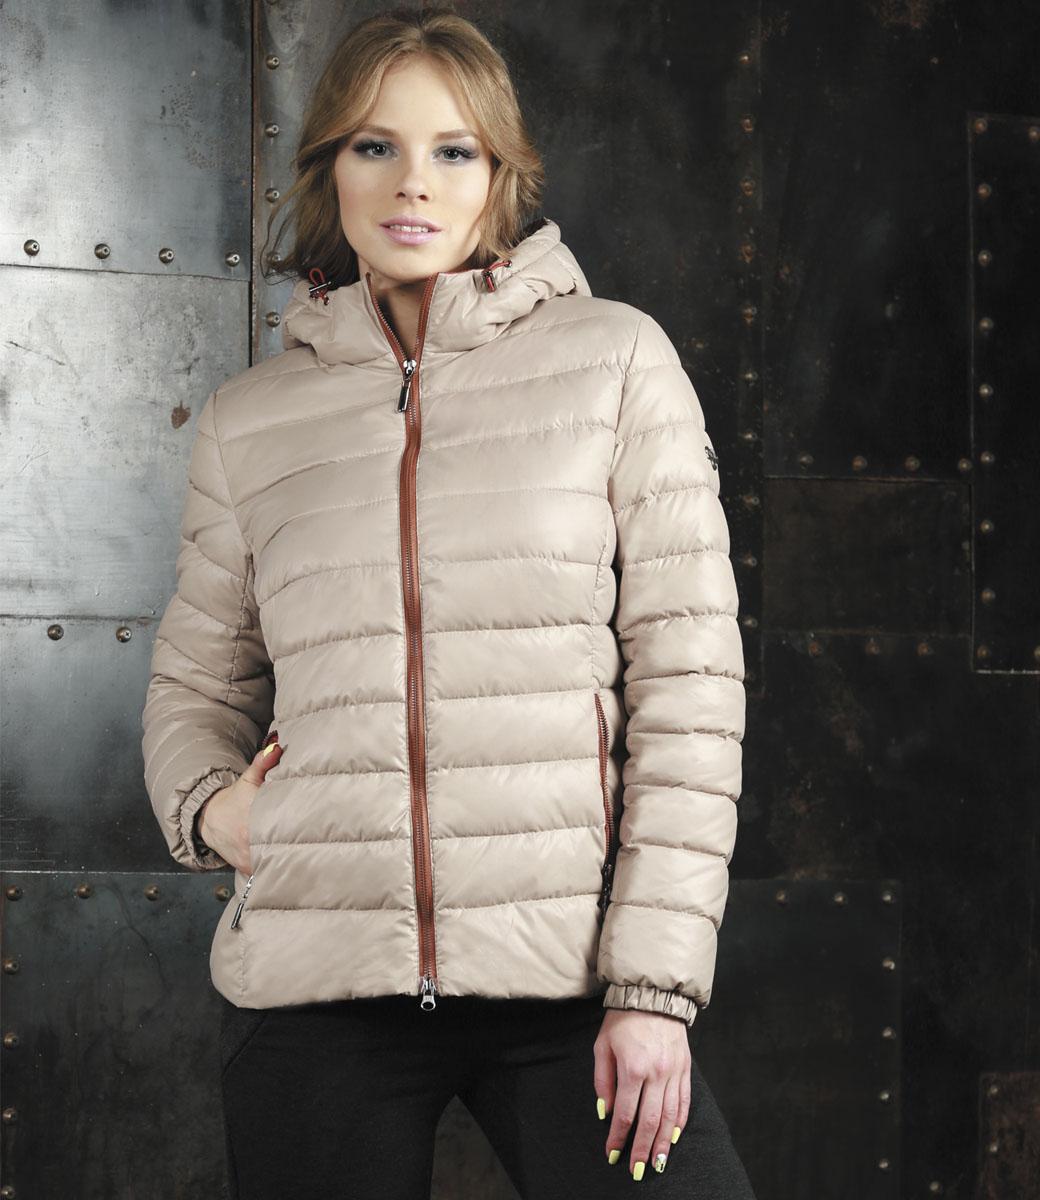 КурткаAL-2968Яркая женская куртка Grishko выполнена из 100% полиамида с наполнителем из полиэстера. Оформлена в трендовой цветовой гамме нового осенне-зимнего сезона. Такая модель отлично подойдет для прохладной погоды. Куртка с капюшоном приталенного кроя застегивается на застежку-молнию. Капюшон дополнен резинкой со стопперами, благодаря чему можно регулировать его в размере. Модель снаружи дополнена двумя втачными карманами на молниях. Манжеты рукавов оформлены на резинках. Очень комфортная и стильная куртка будет прекрасным выбором для повседневной носки и подчеркнет вашу индивидуальность.